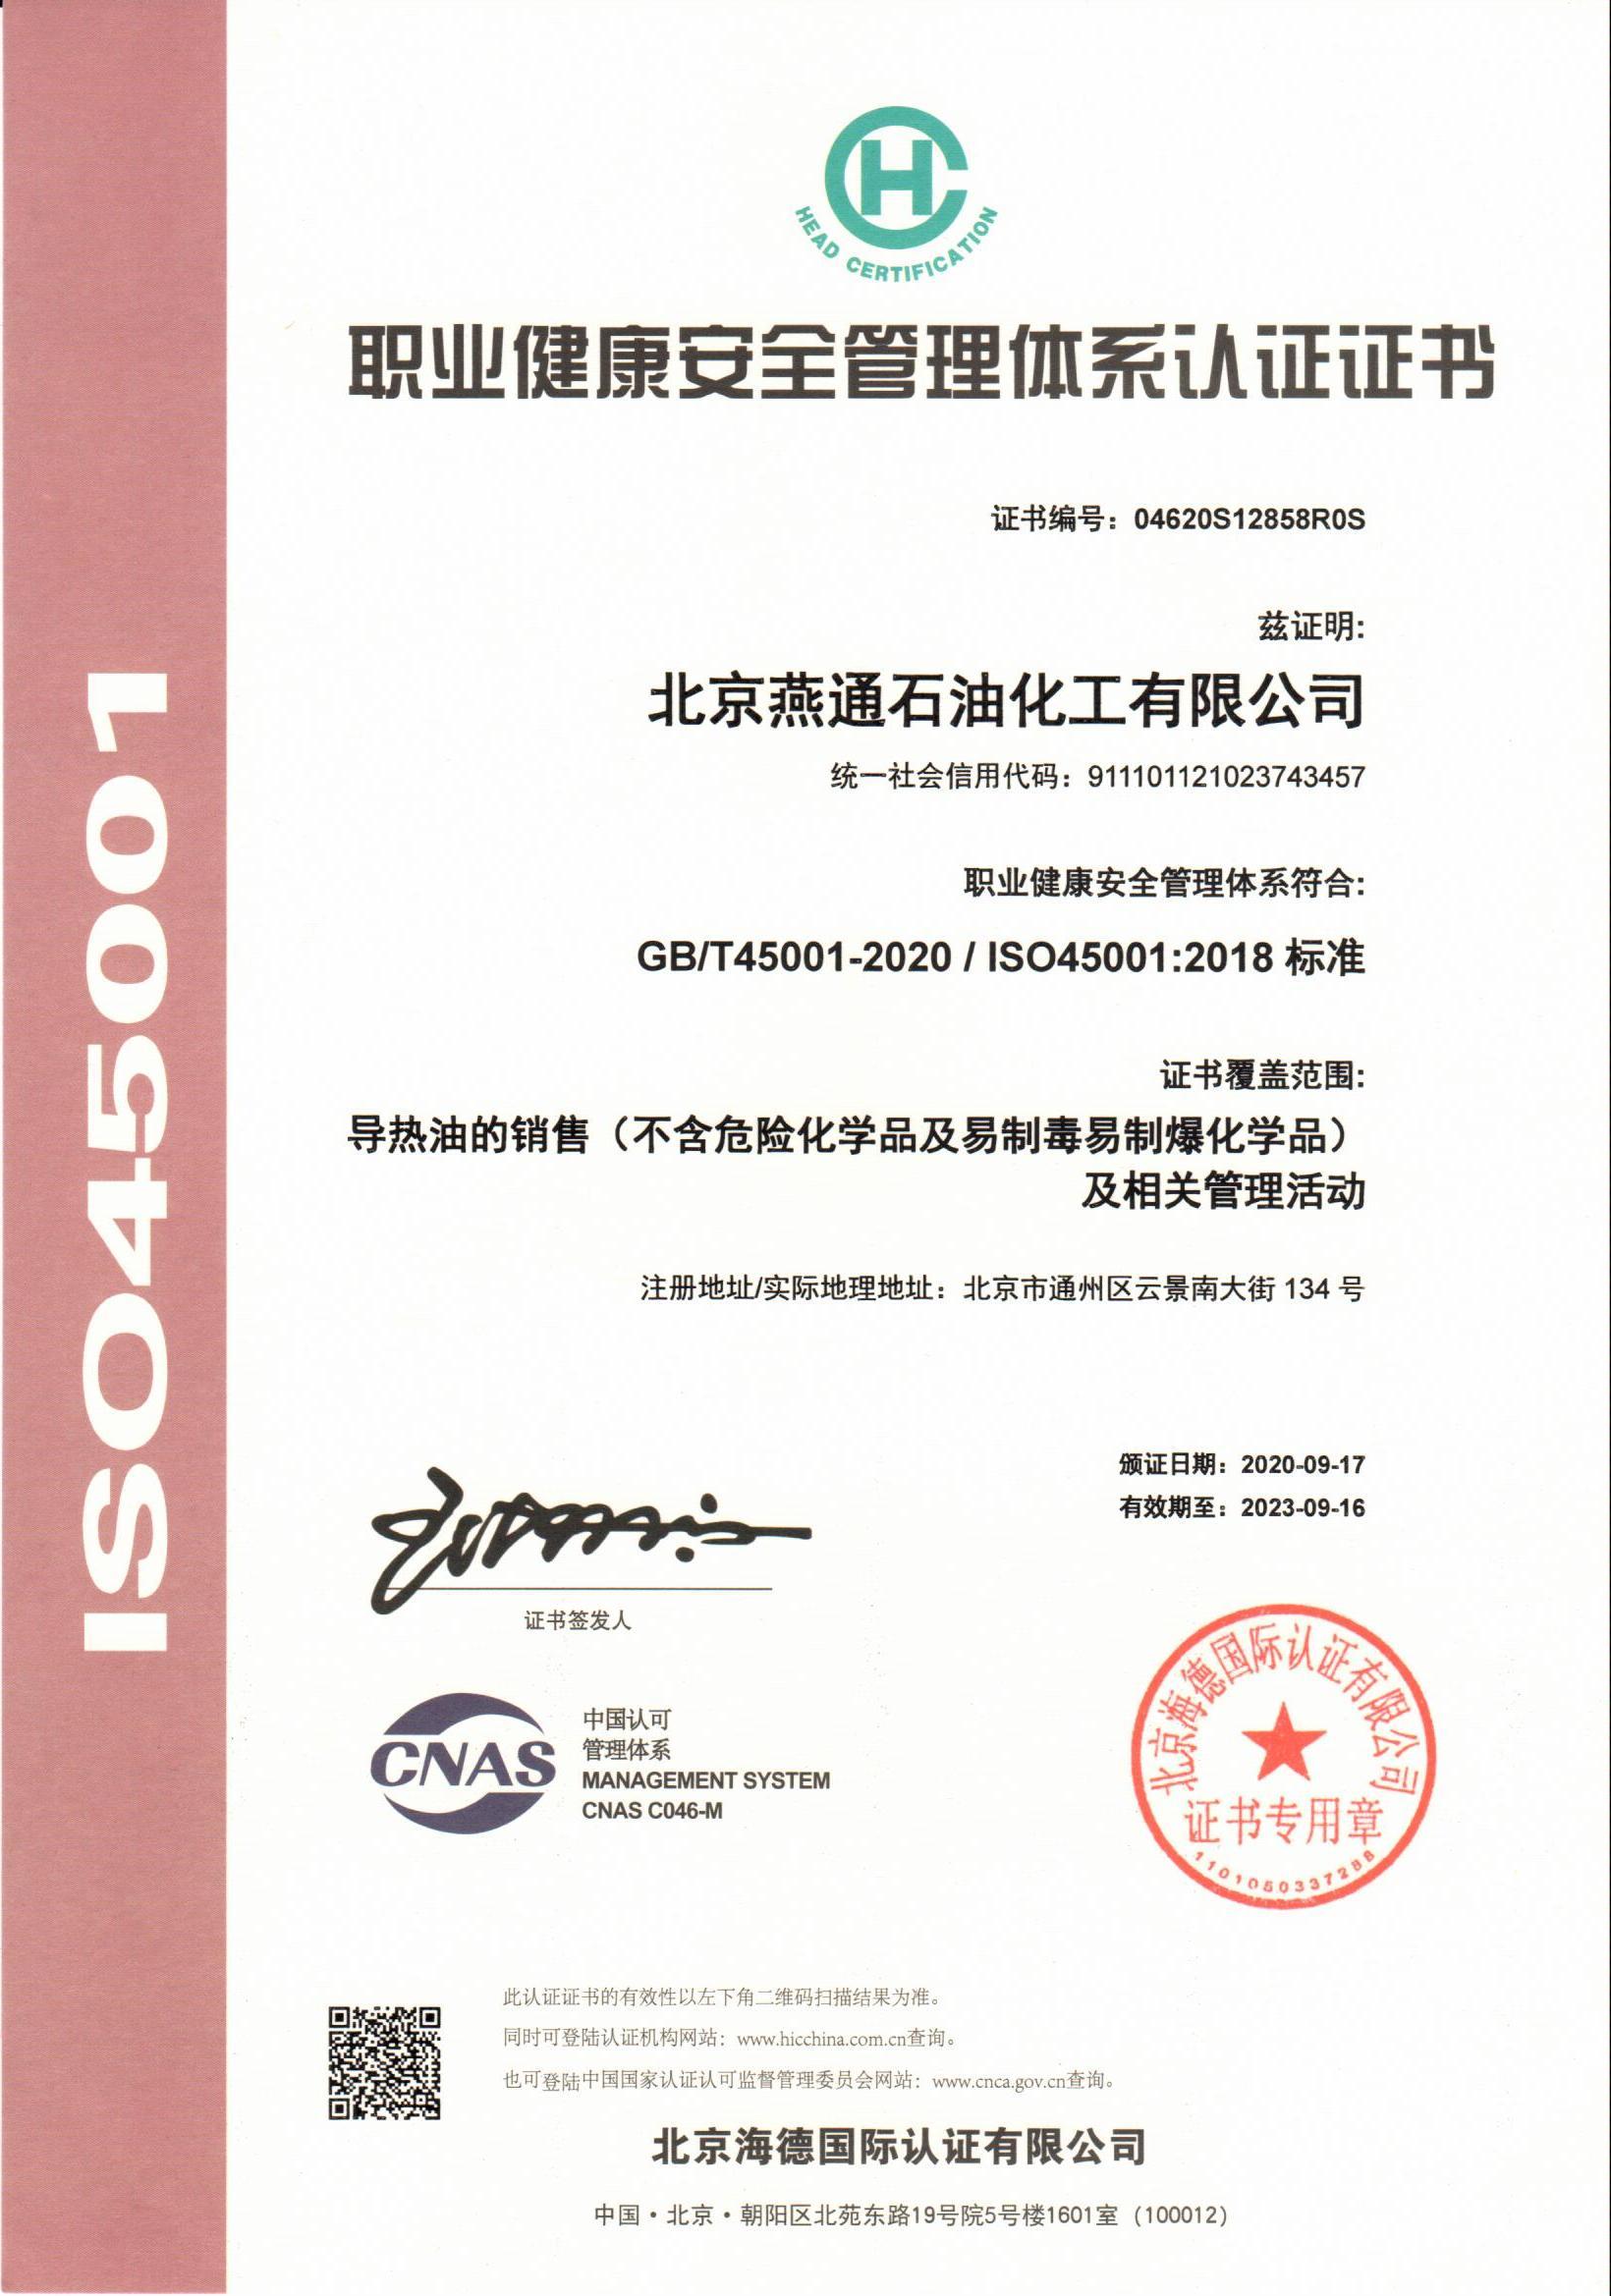 燕通导热油职业健康管理体系认证